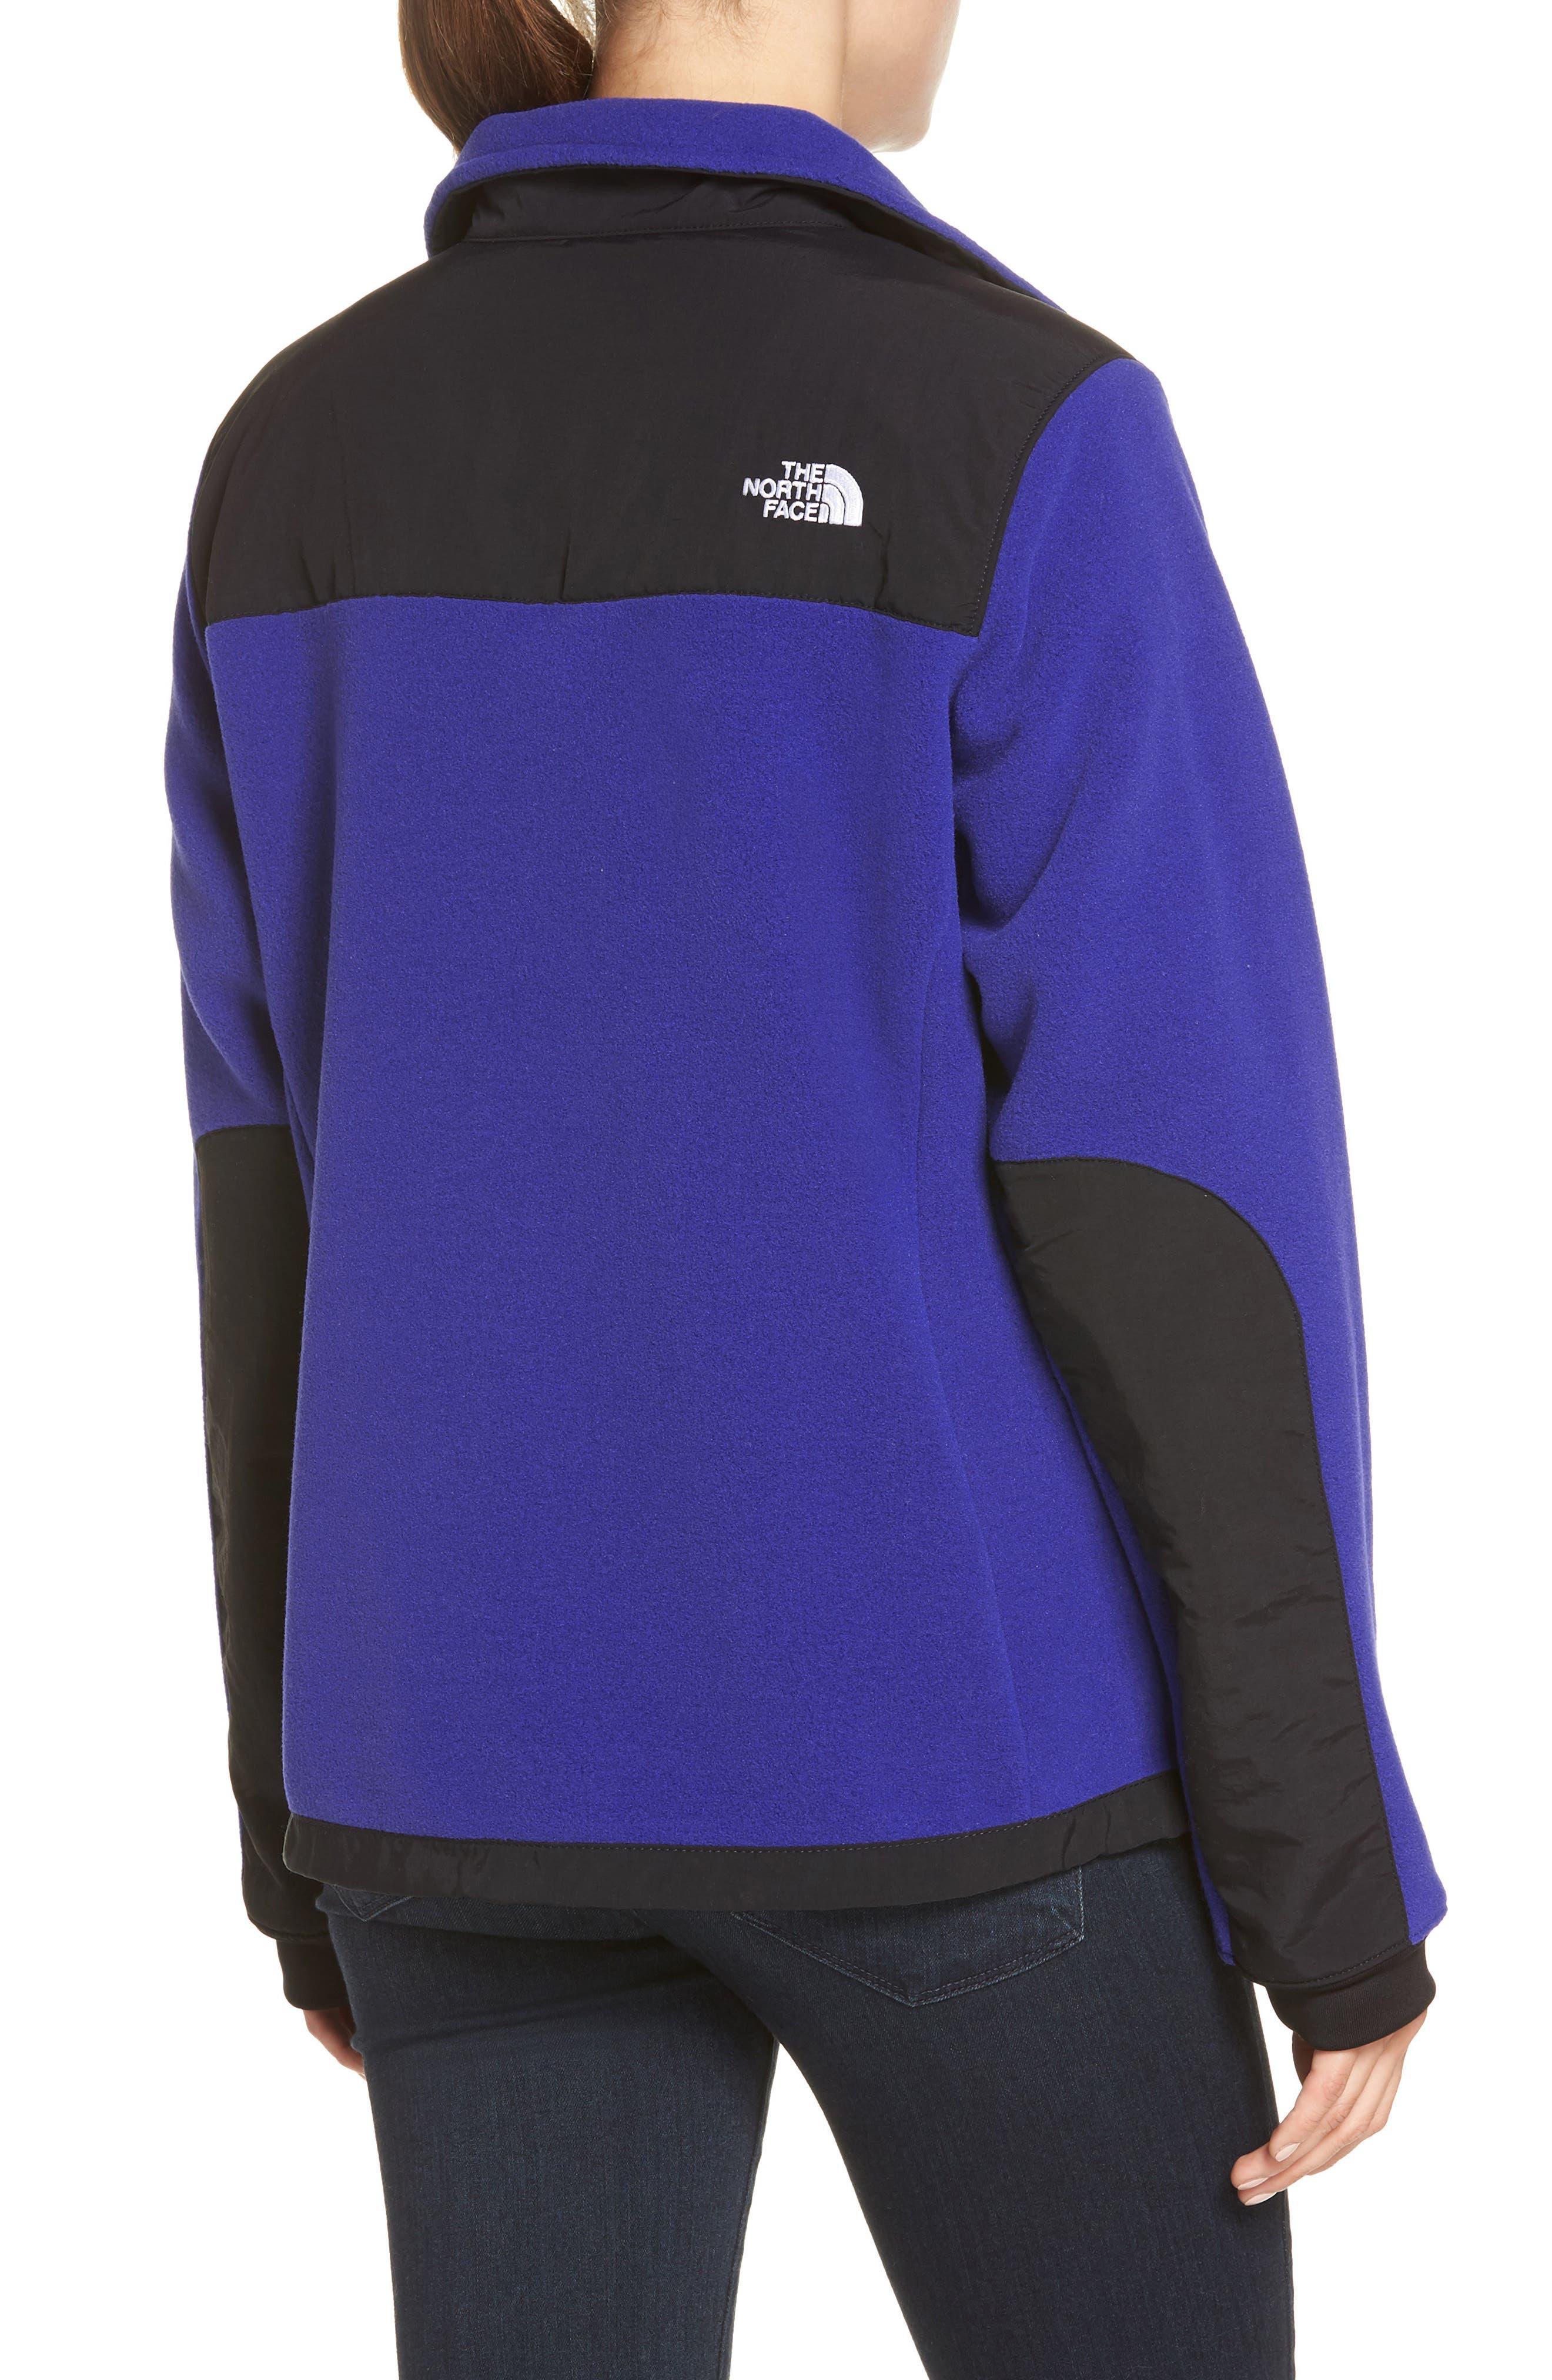 Denali 2 Jacket,                             Alternate thumbnail 2, color,                             LAPIS BLUE/ TNF BLACK